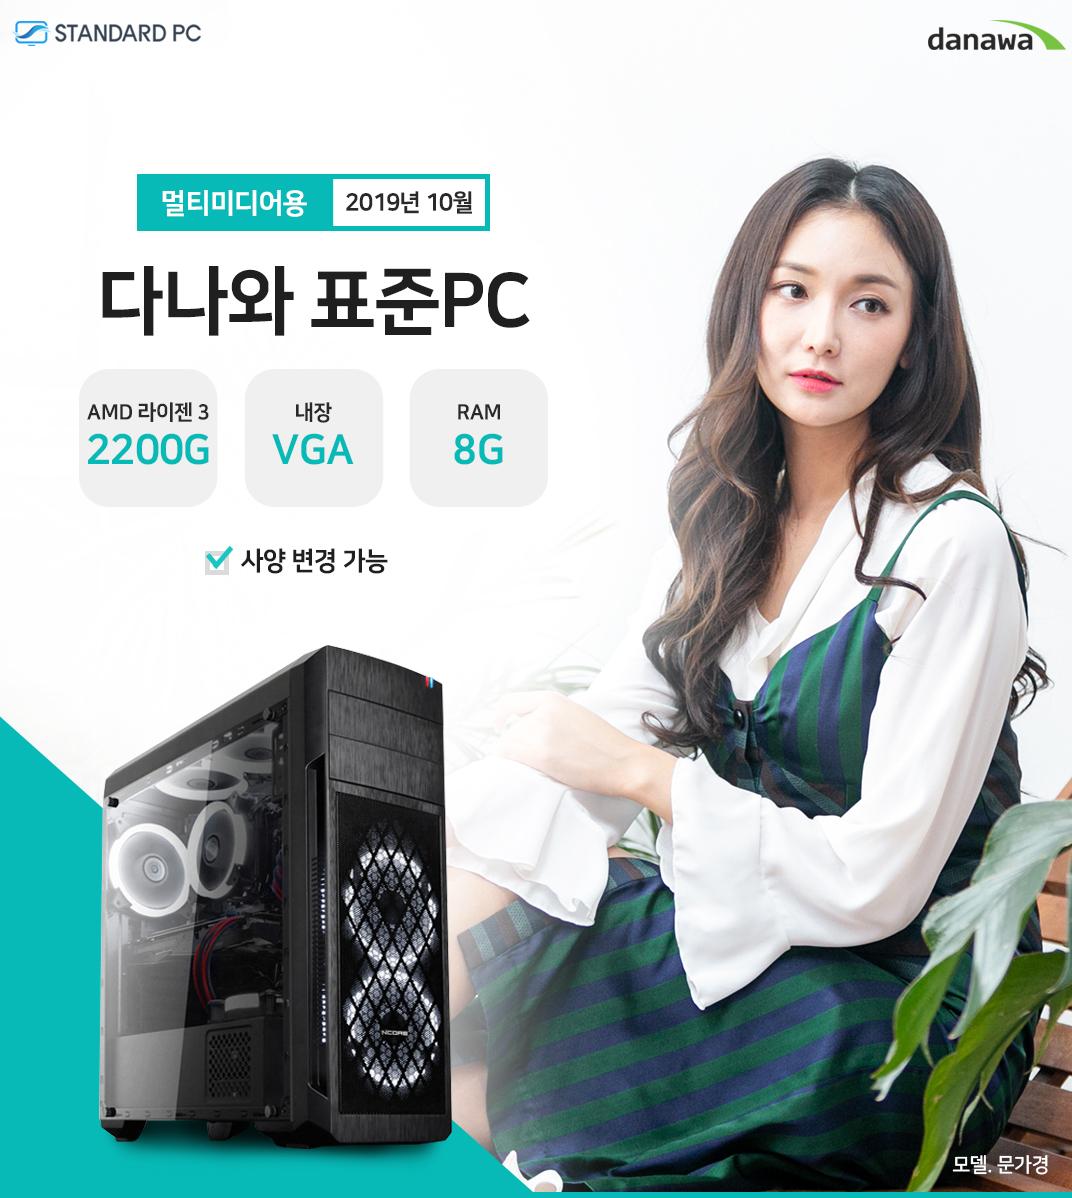 2019년 10월 다나와 표준PC 멀티미디어용 AMD 라이젠 3 2200G 내장 VGA RAM 8G 모델 문가경